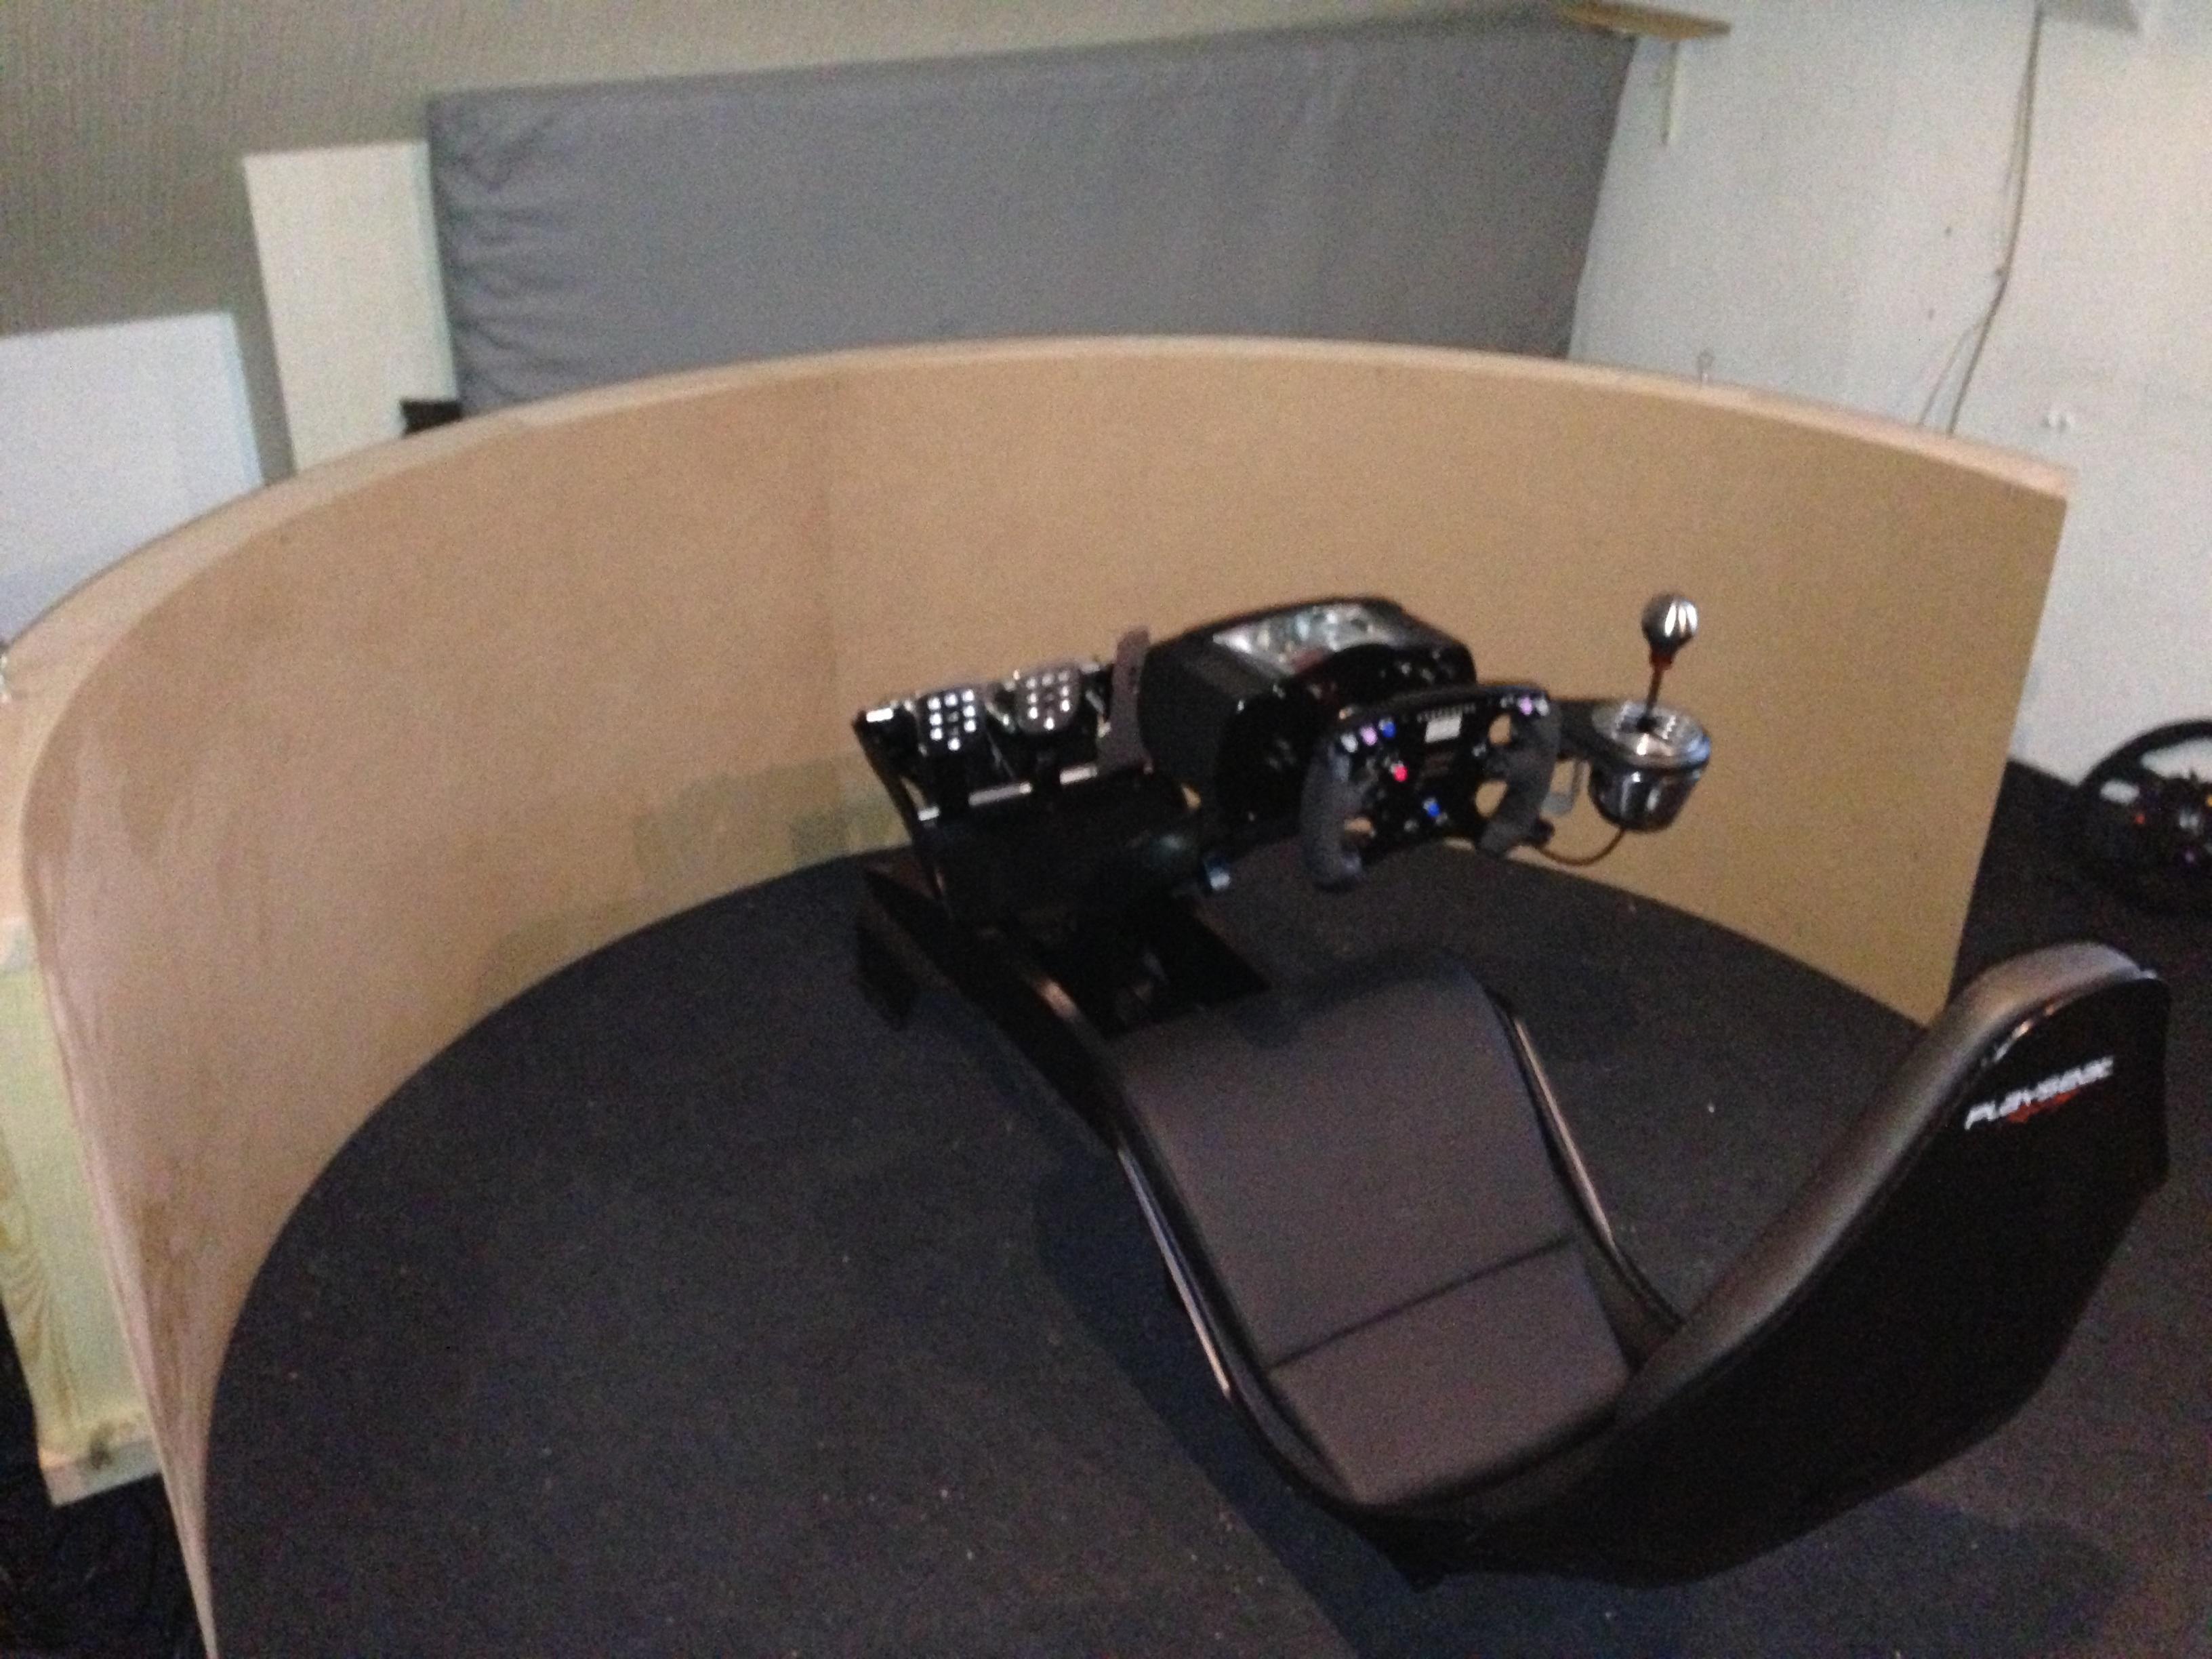 3 achsen rennsimulator mit 180 grad rahmenloser leinwand. Black Bedroom Furniture Sets. Home Design Ideas